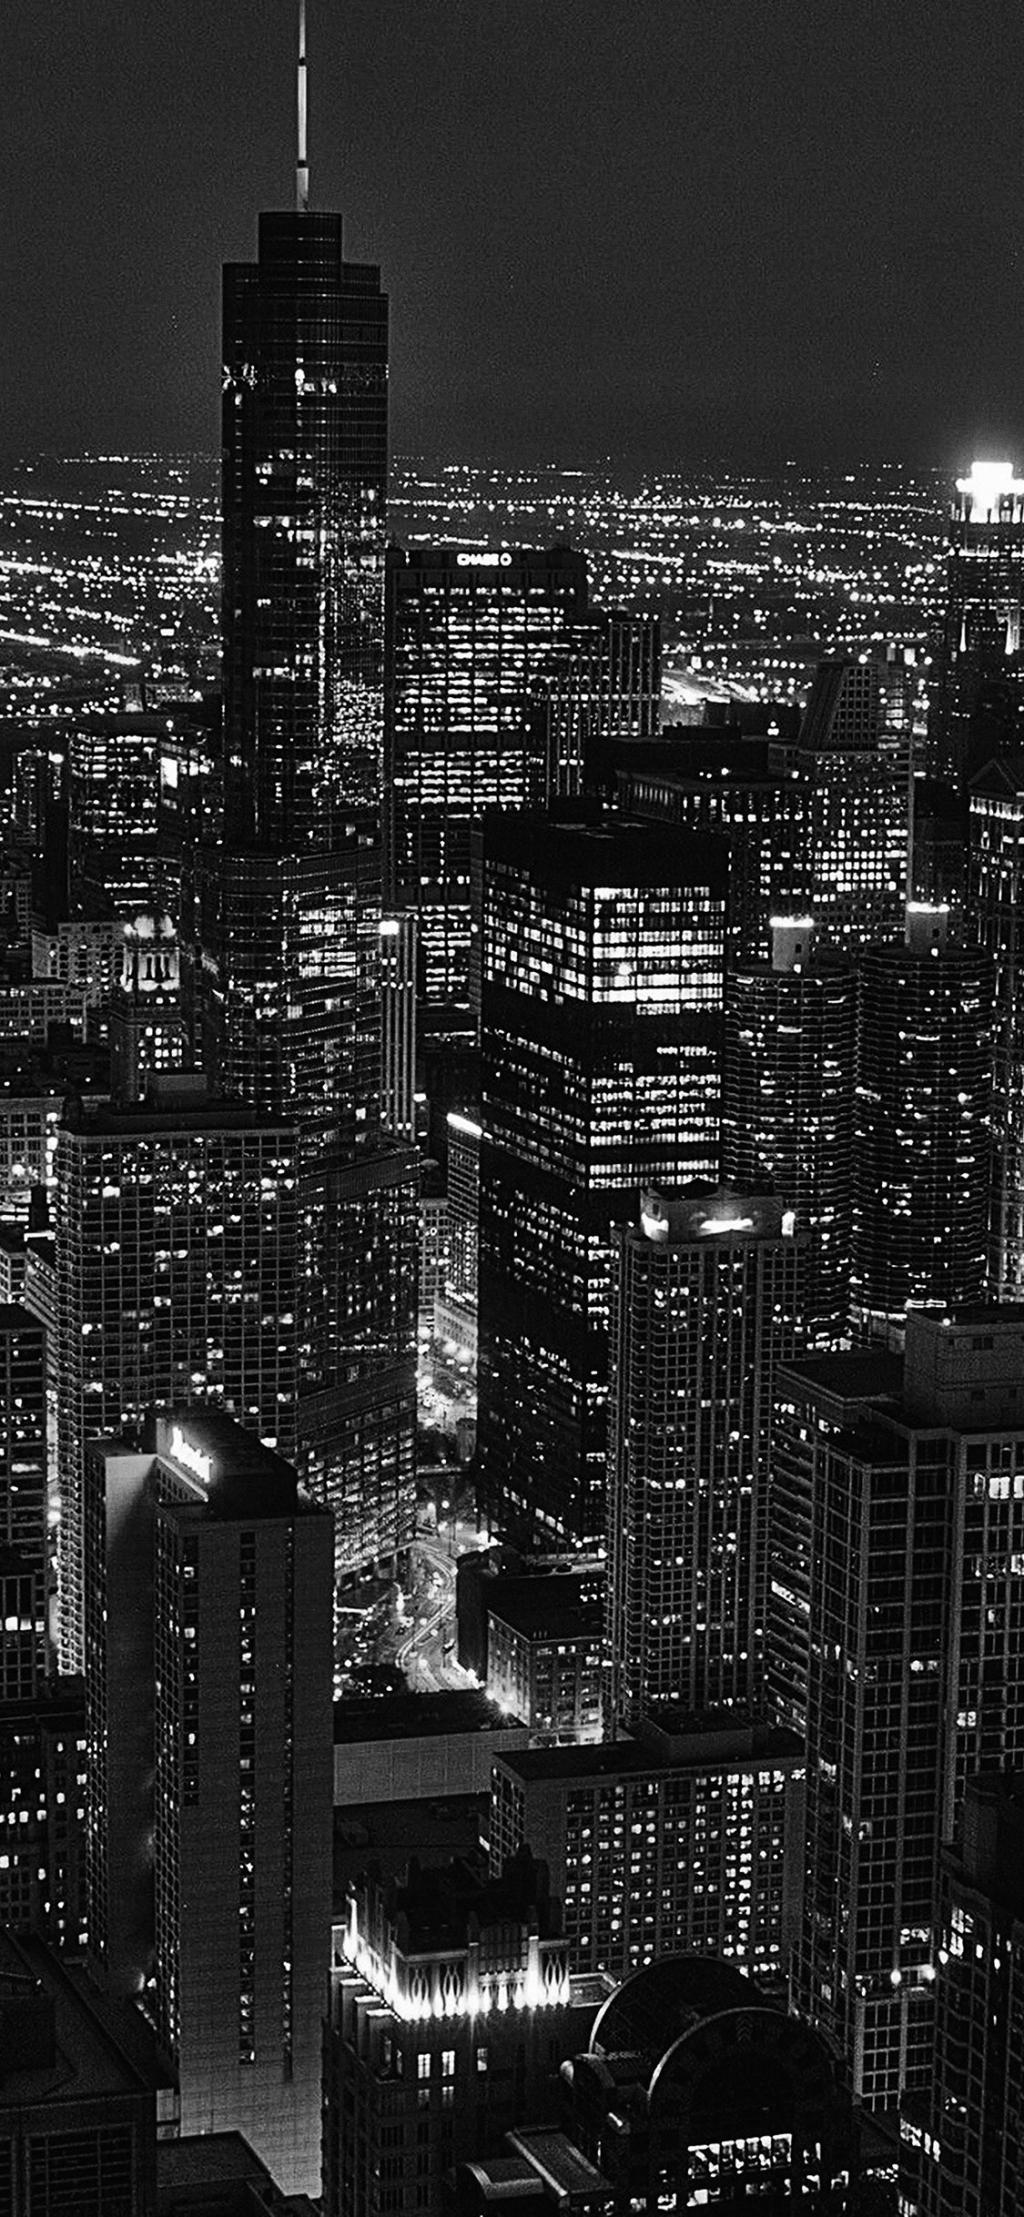 市の美しい夜景 ロック画面の壁紙pc用アクション区の写真 Hdの携帯電話の壁紙 風景 壁紙